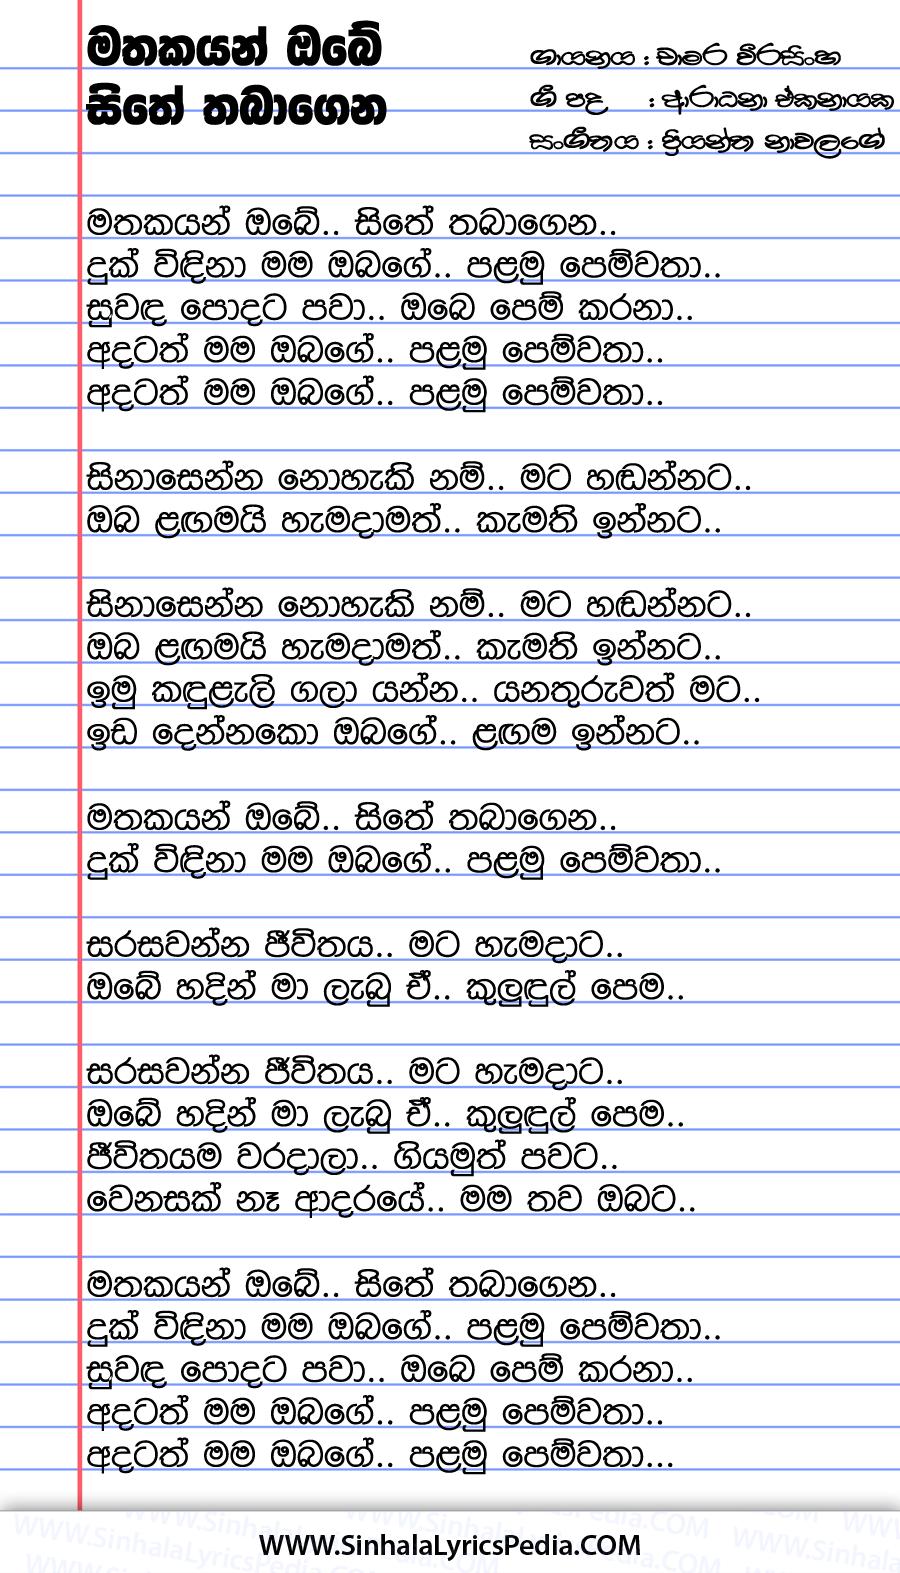 Mathakayan Obe Sithe Thabagena (Palamu Pemwatha) Song Lyrics